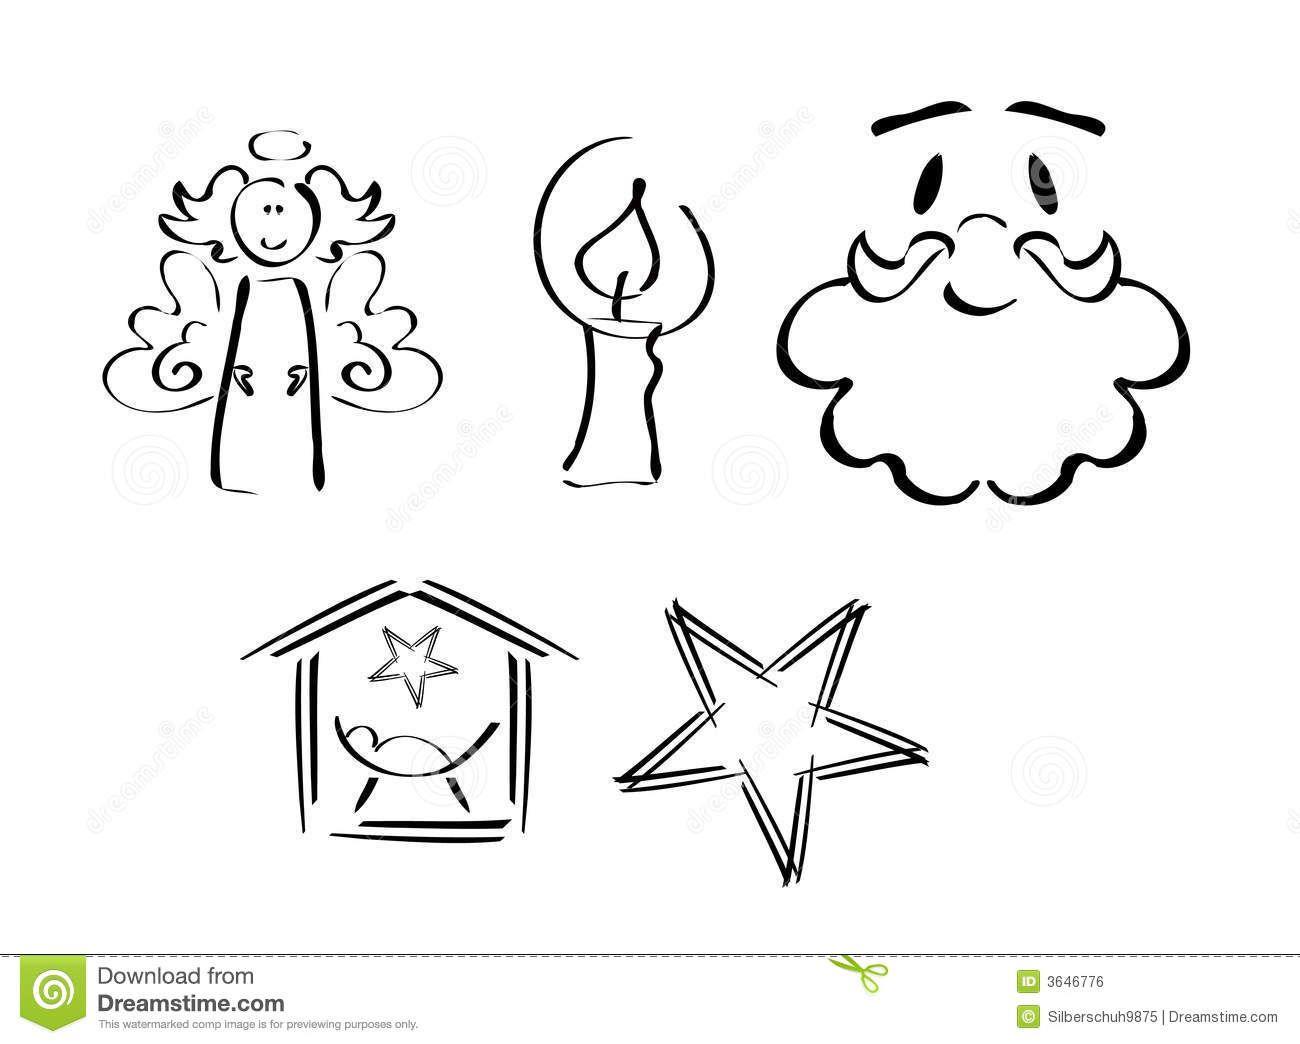 advent symbols - Google Search | Bianco natale, Festa